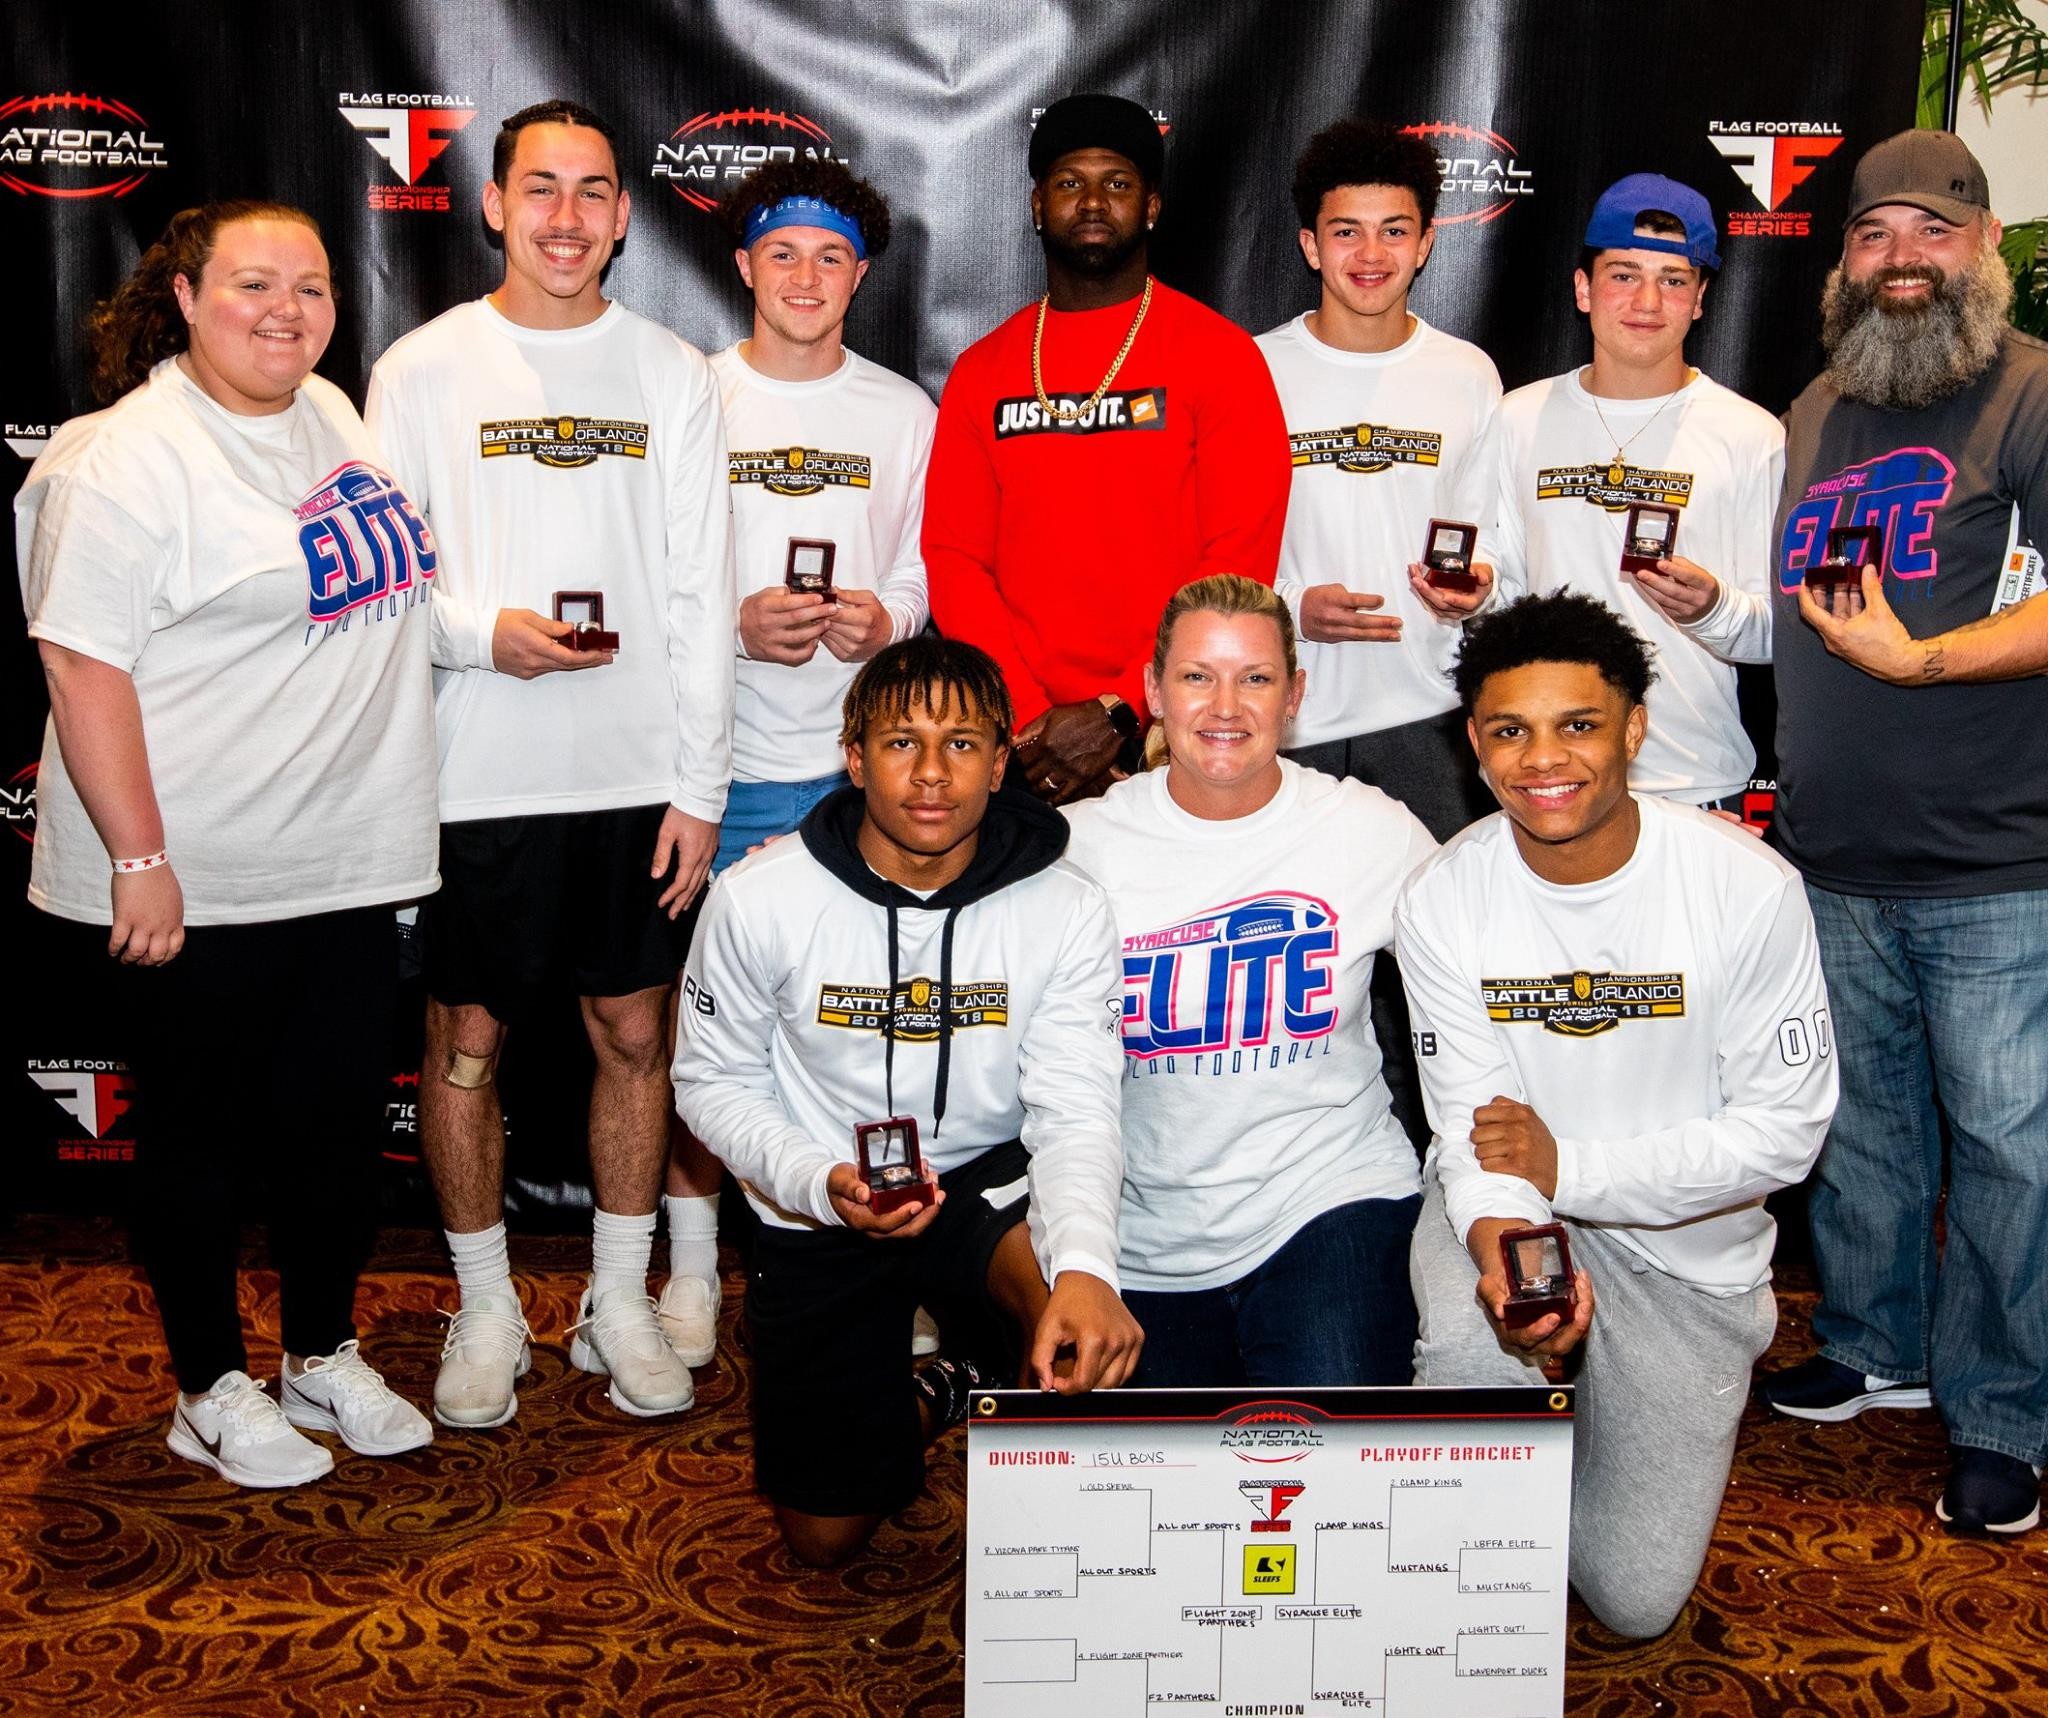 15u Champs - Syracuse Elite (NY)